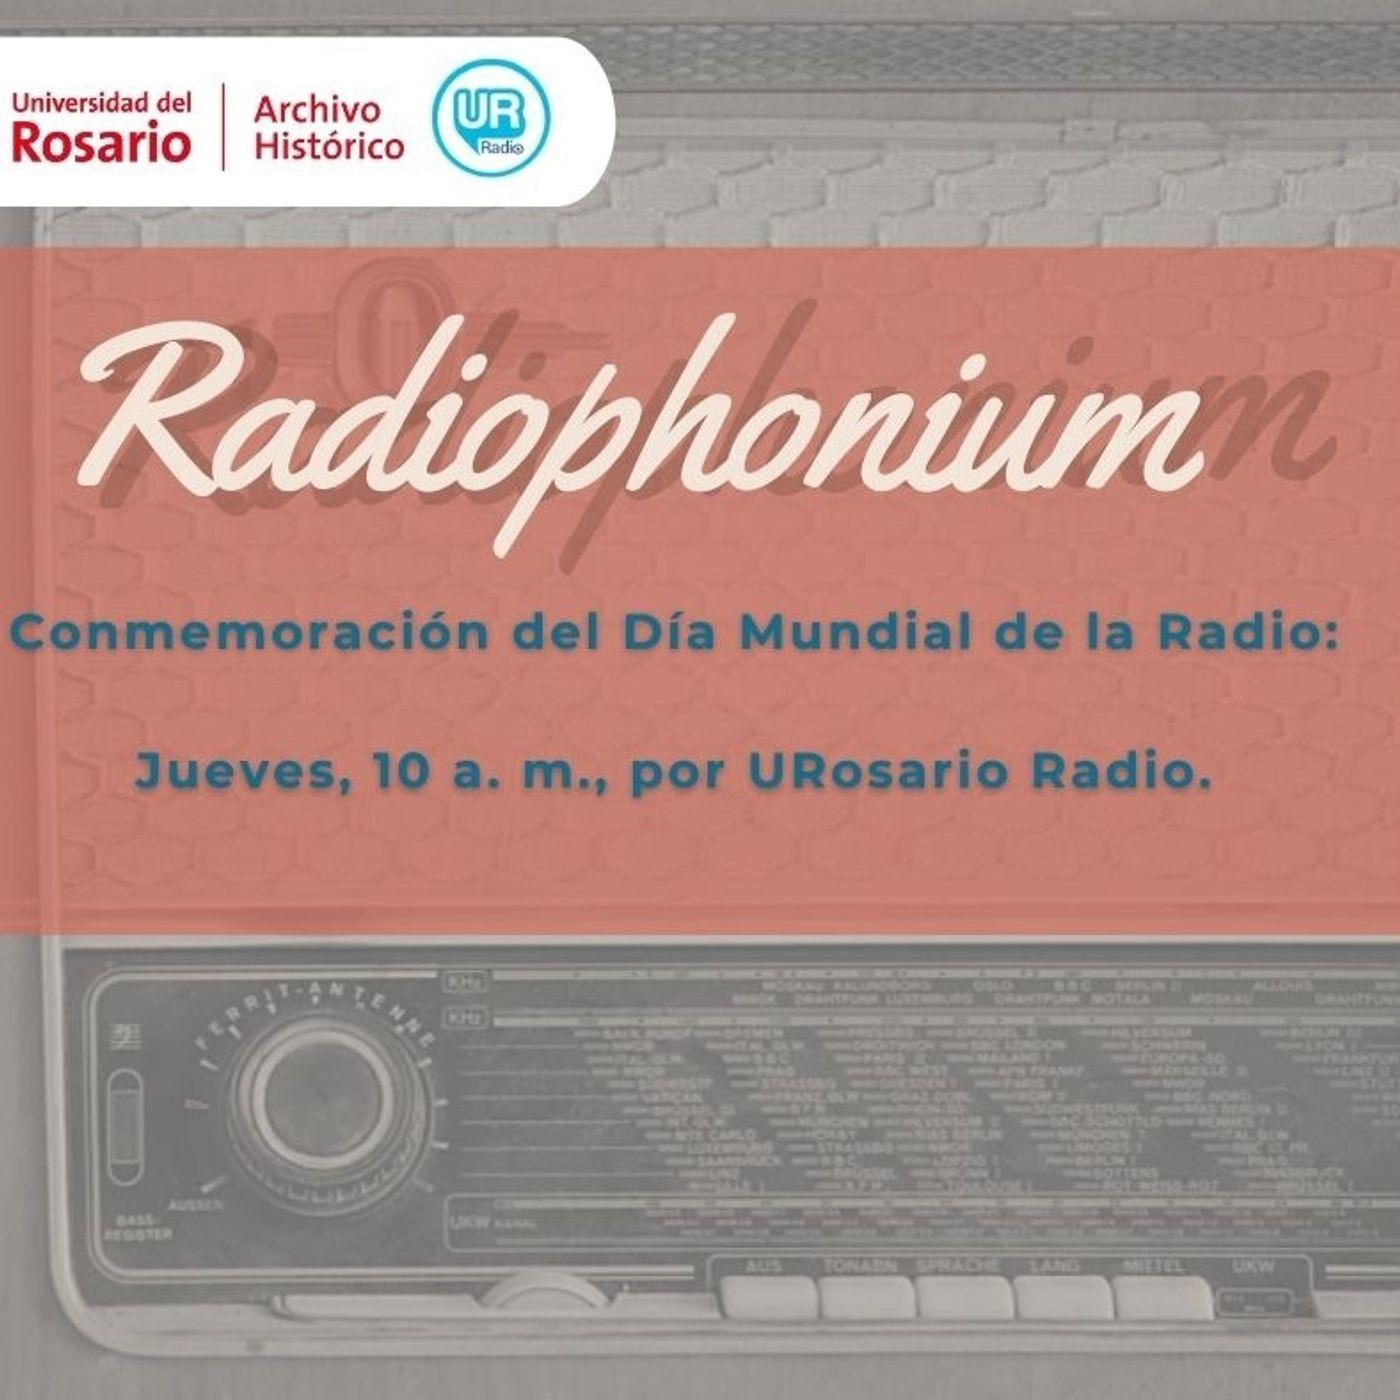 Conmemoración del día Mundial de la Radio